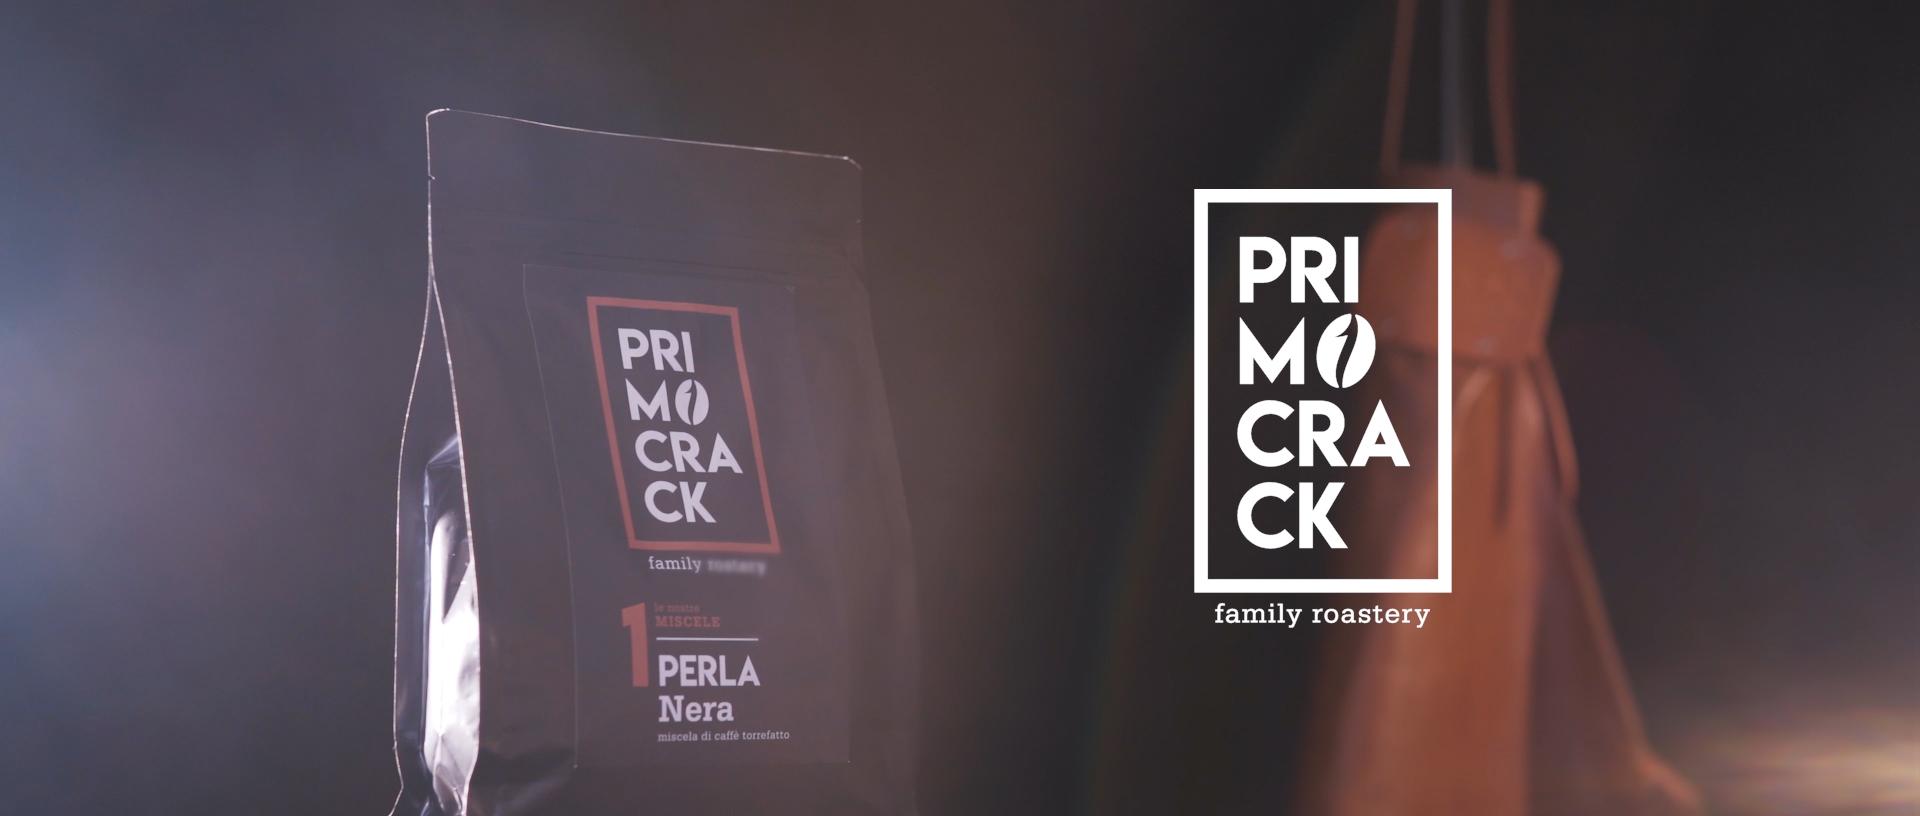 Primo Crack